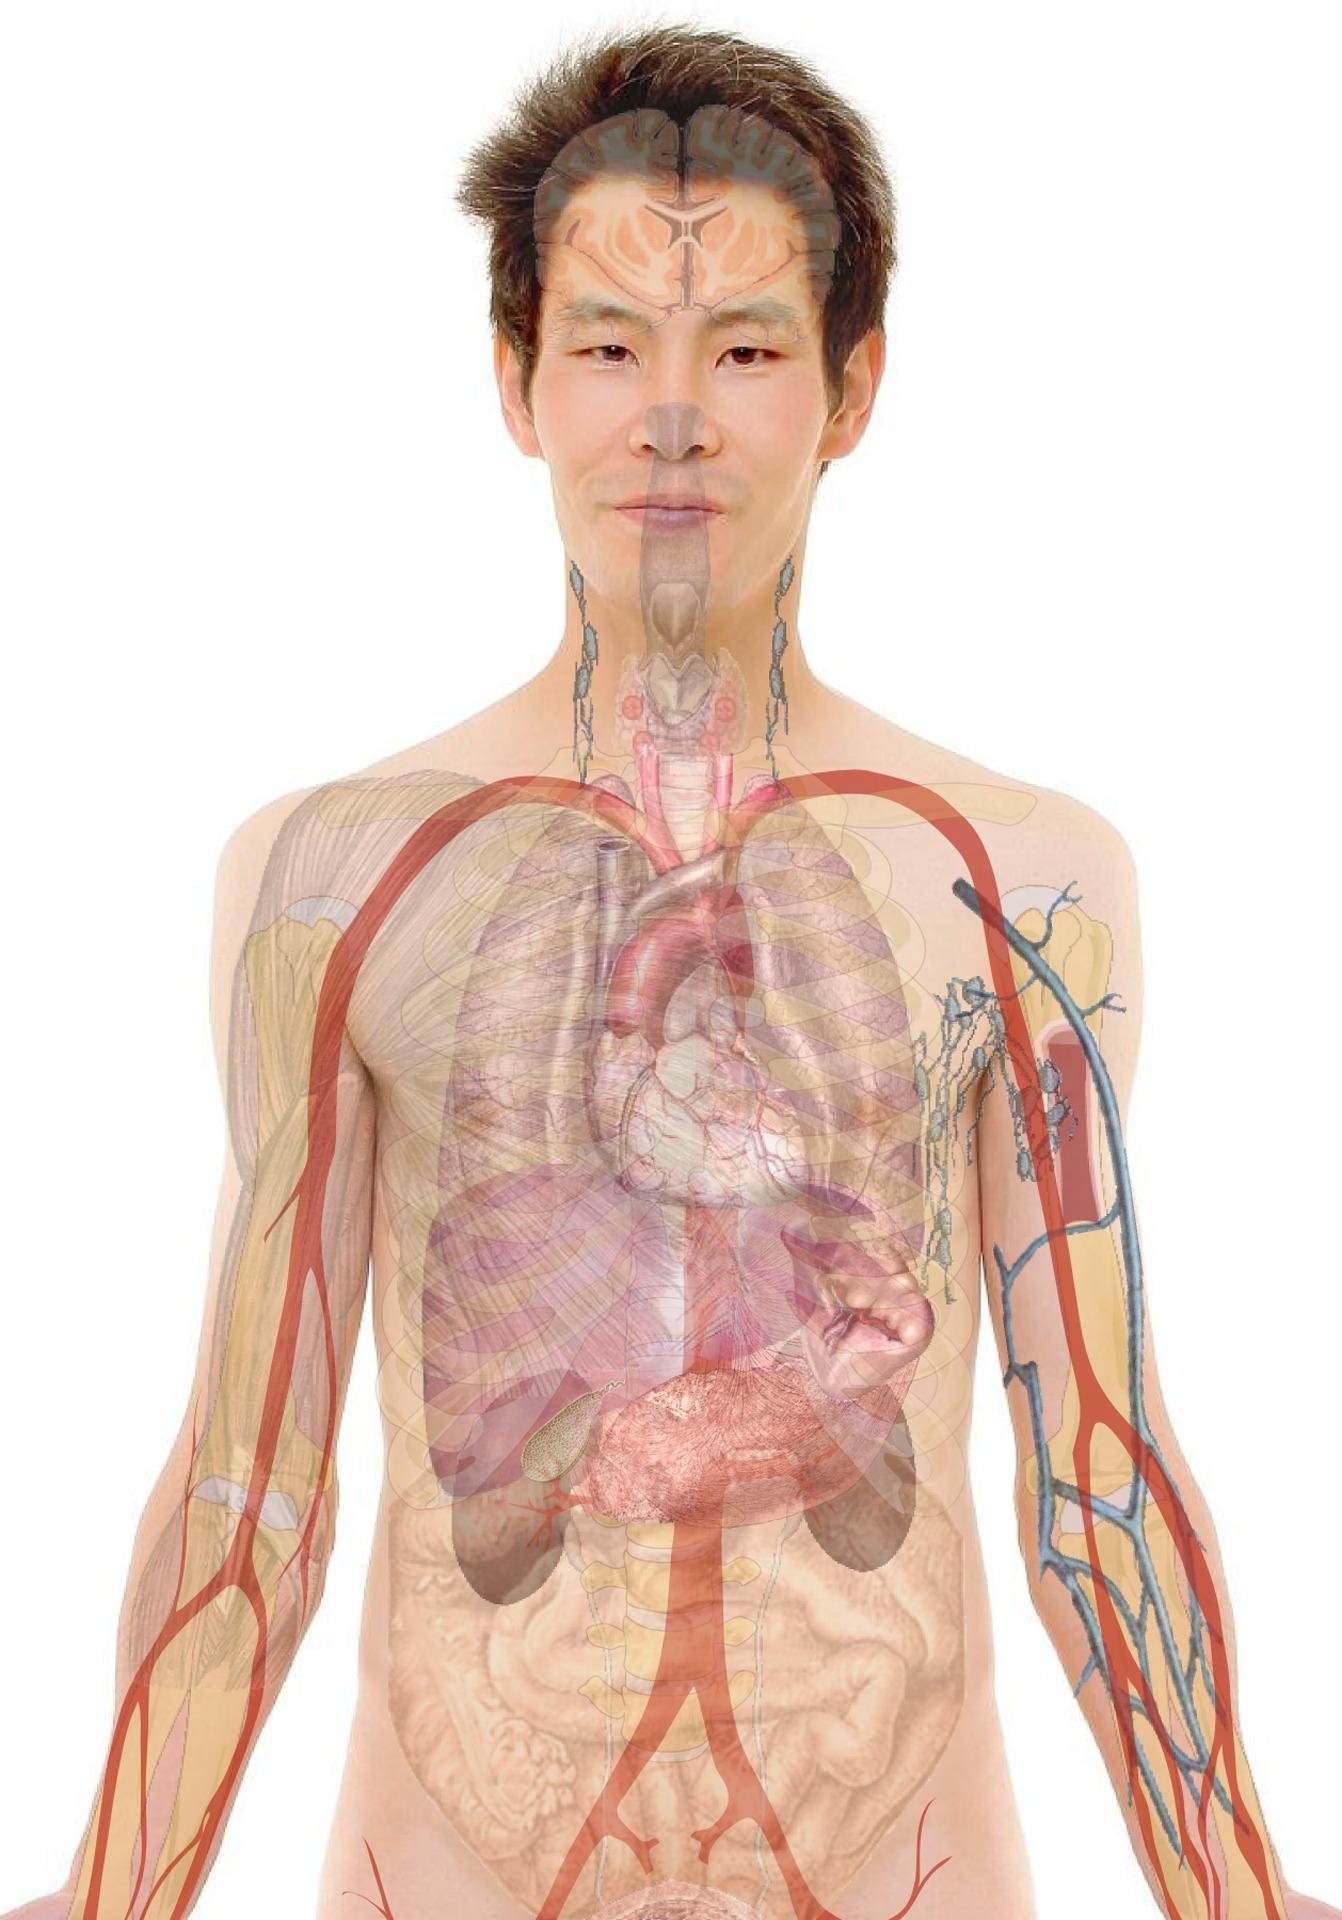 az emberi testben található paraziták ostorféreg emberben